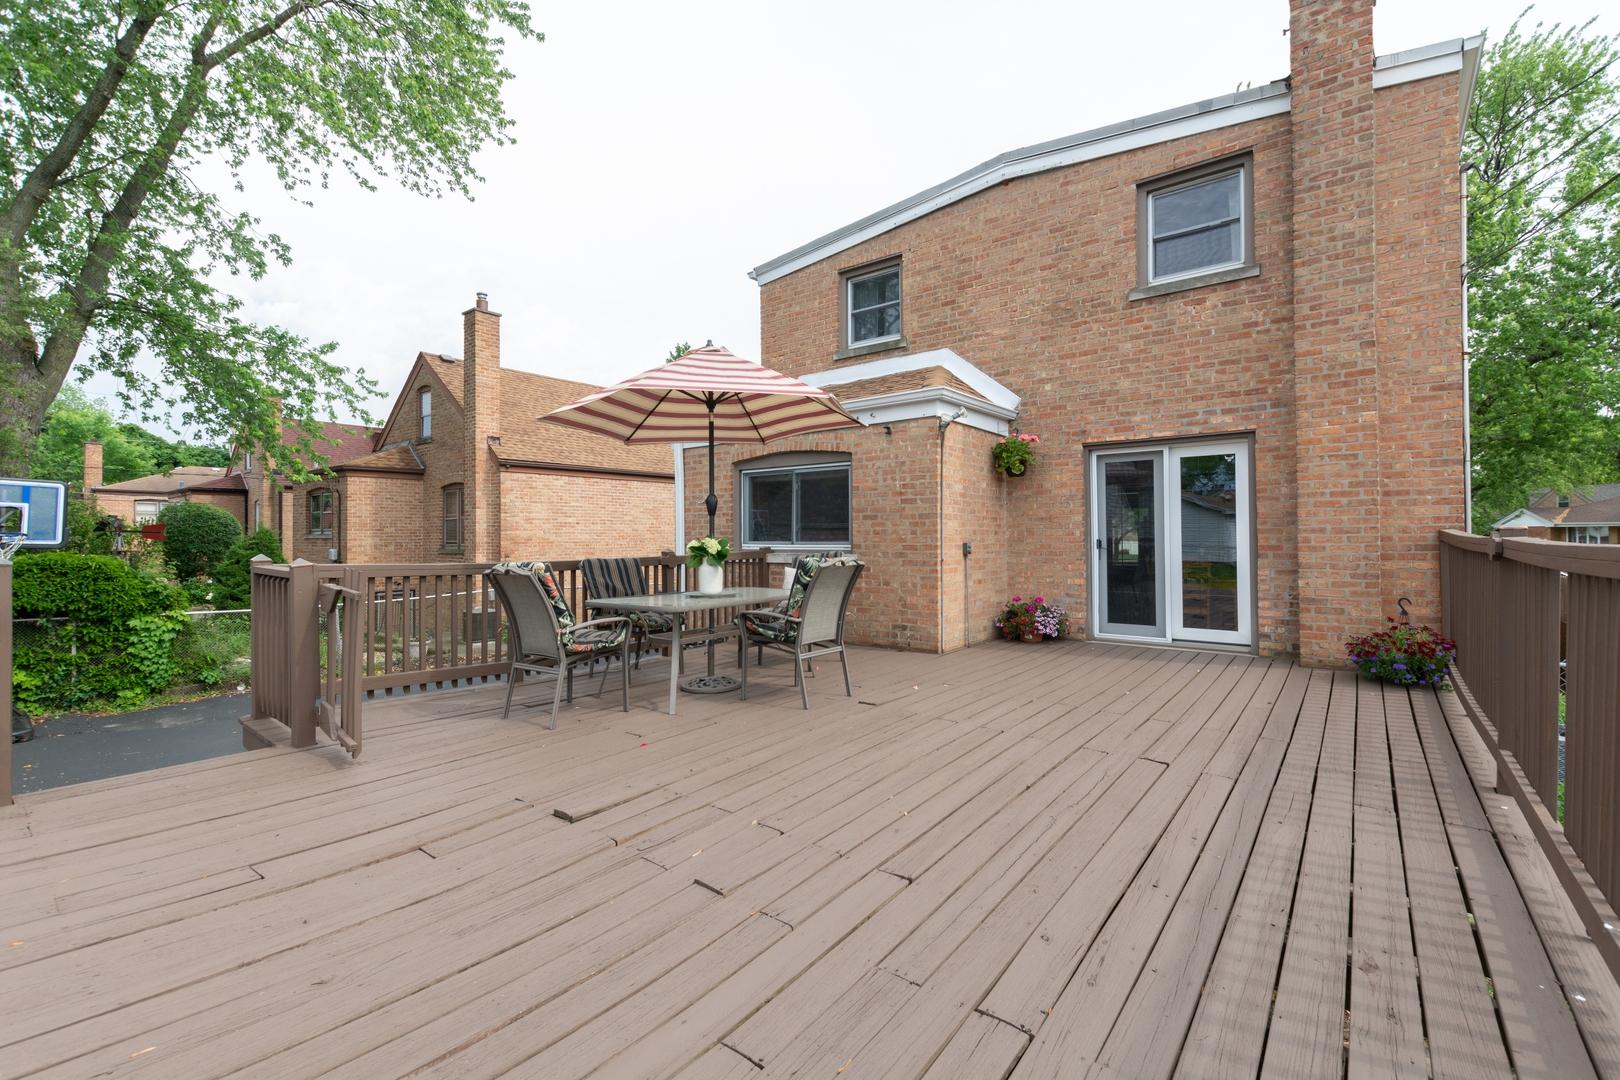 4236 West 109th, Oak Lawn, Illinois, 60453